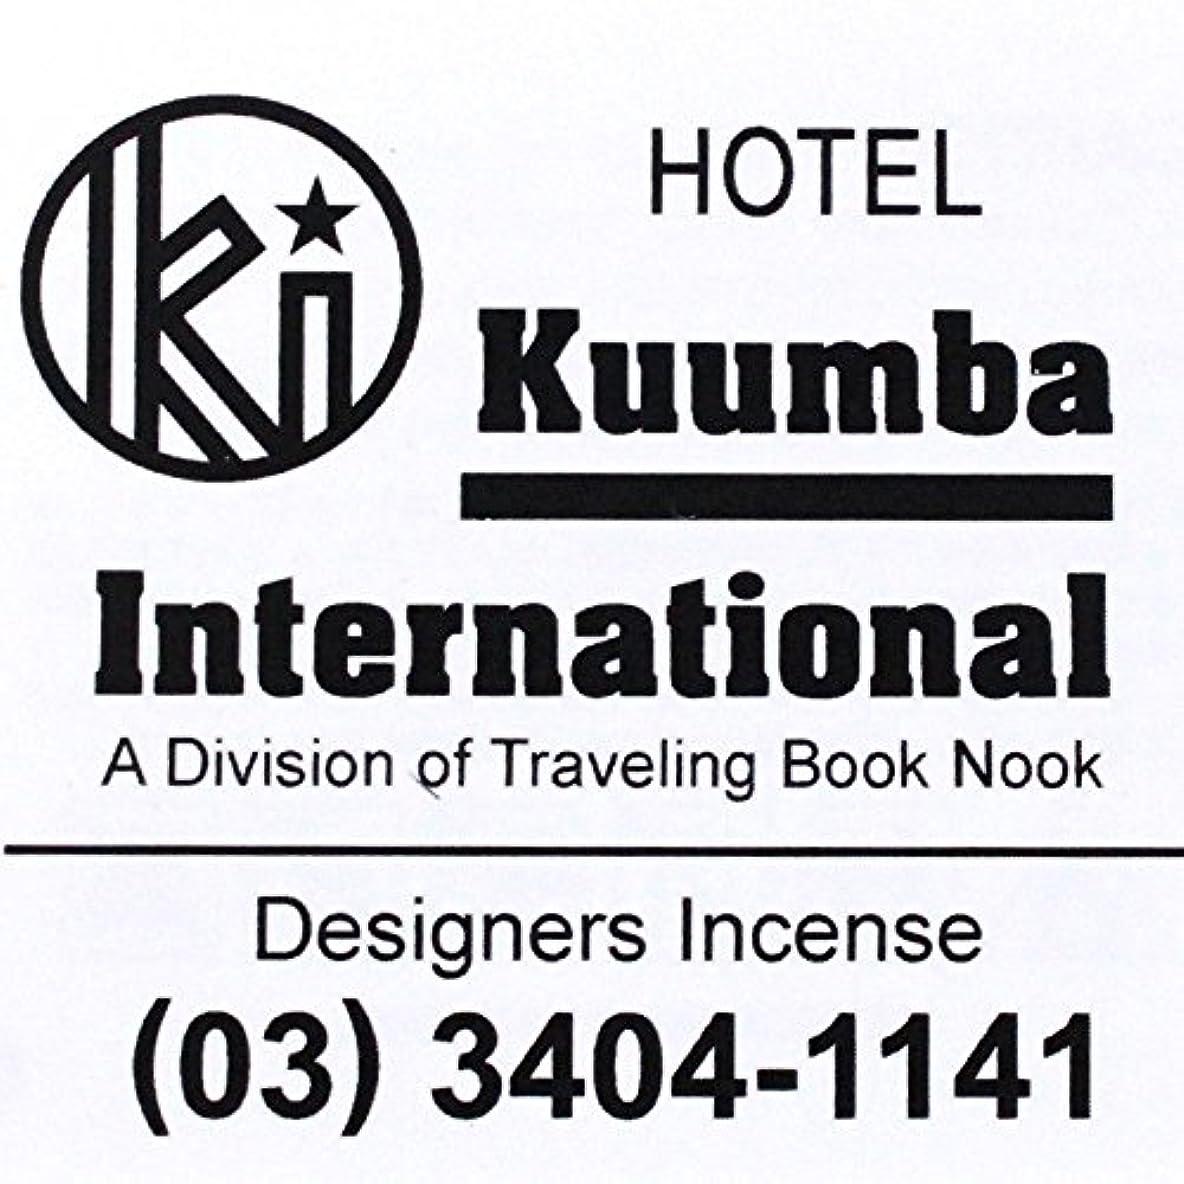 ライブ費用椅子(クンバ) KUUMBA『incense』(HOTEL) (Regular size)